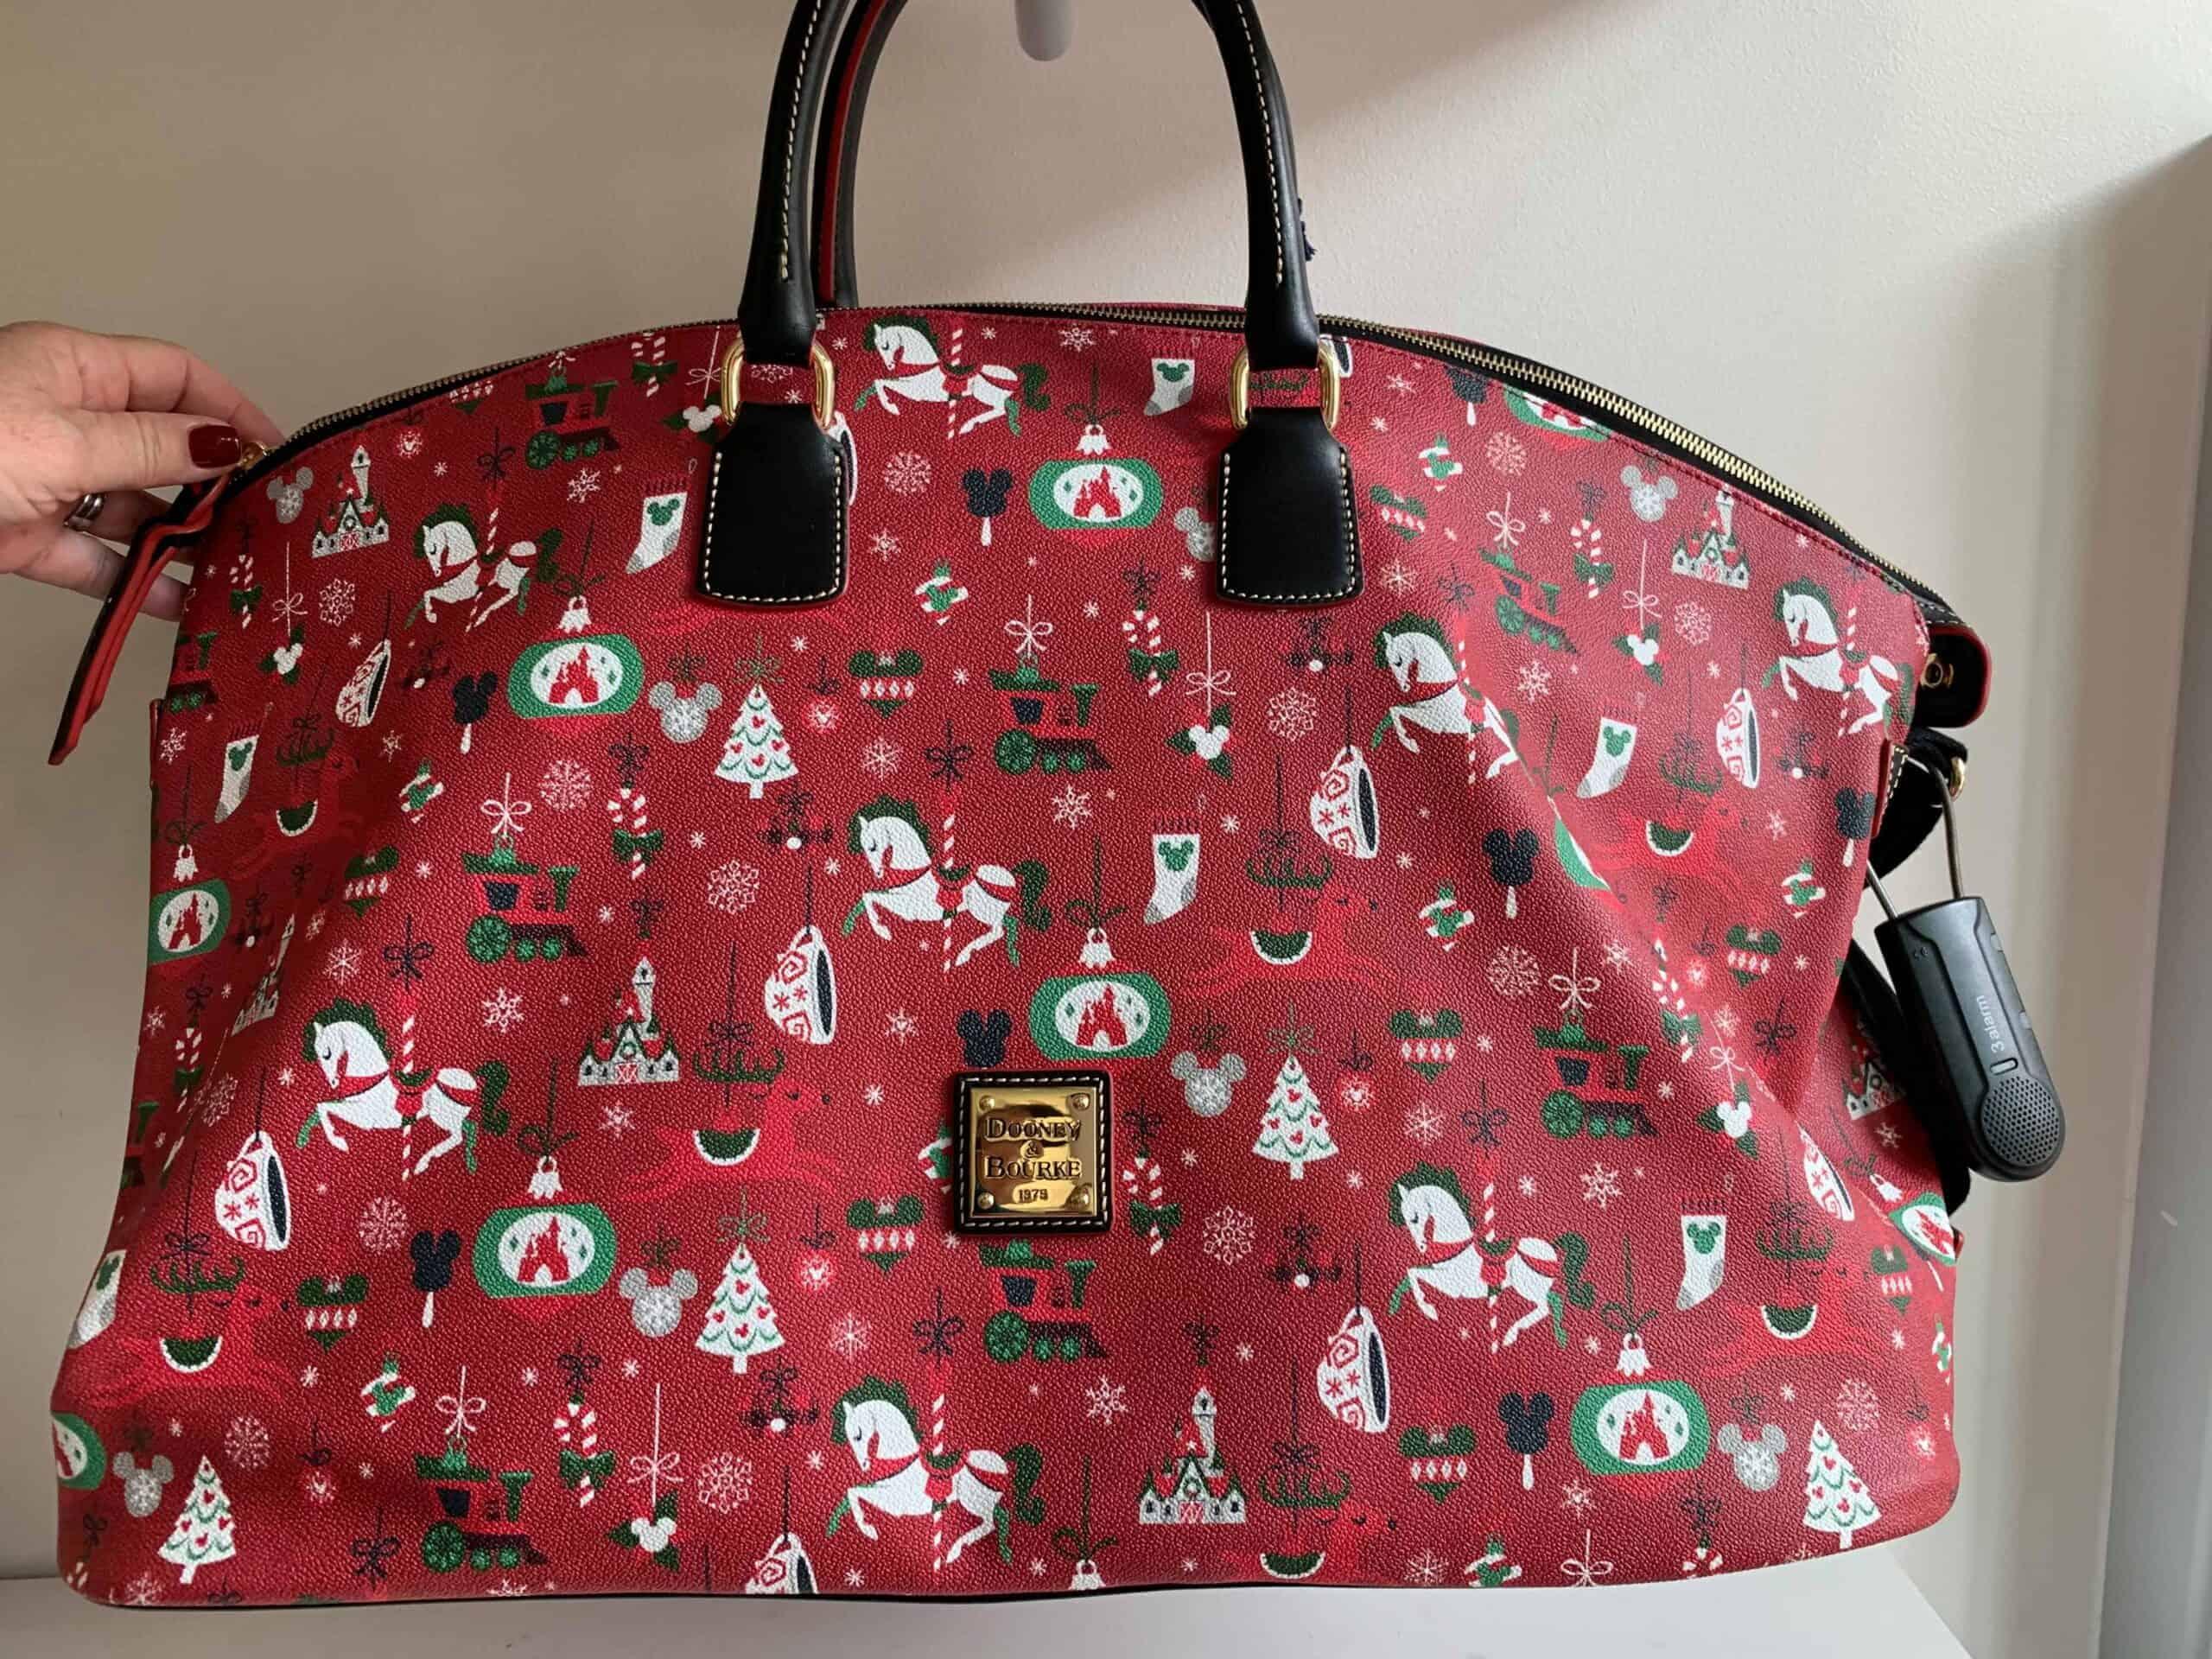 Christmas Holiday 2019 Weekender Duffel Bag by Disney Dooney Bourke